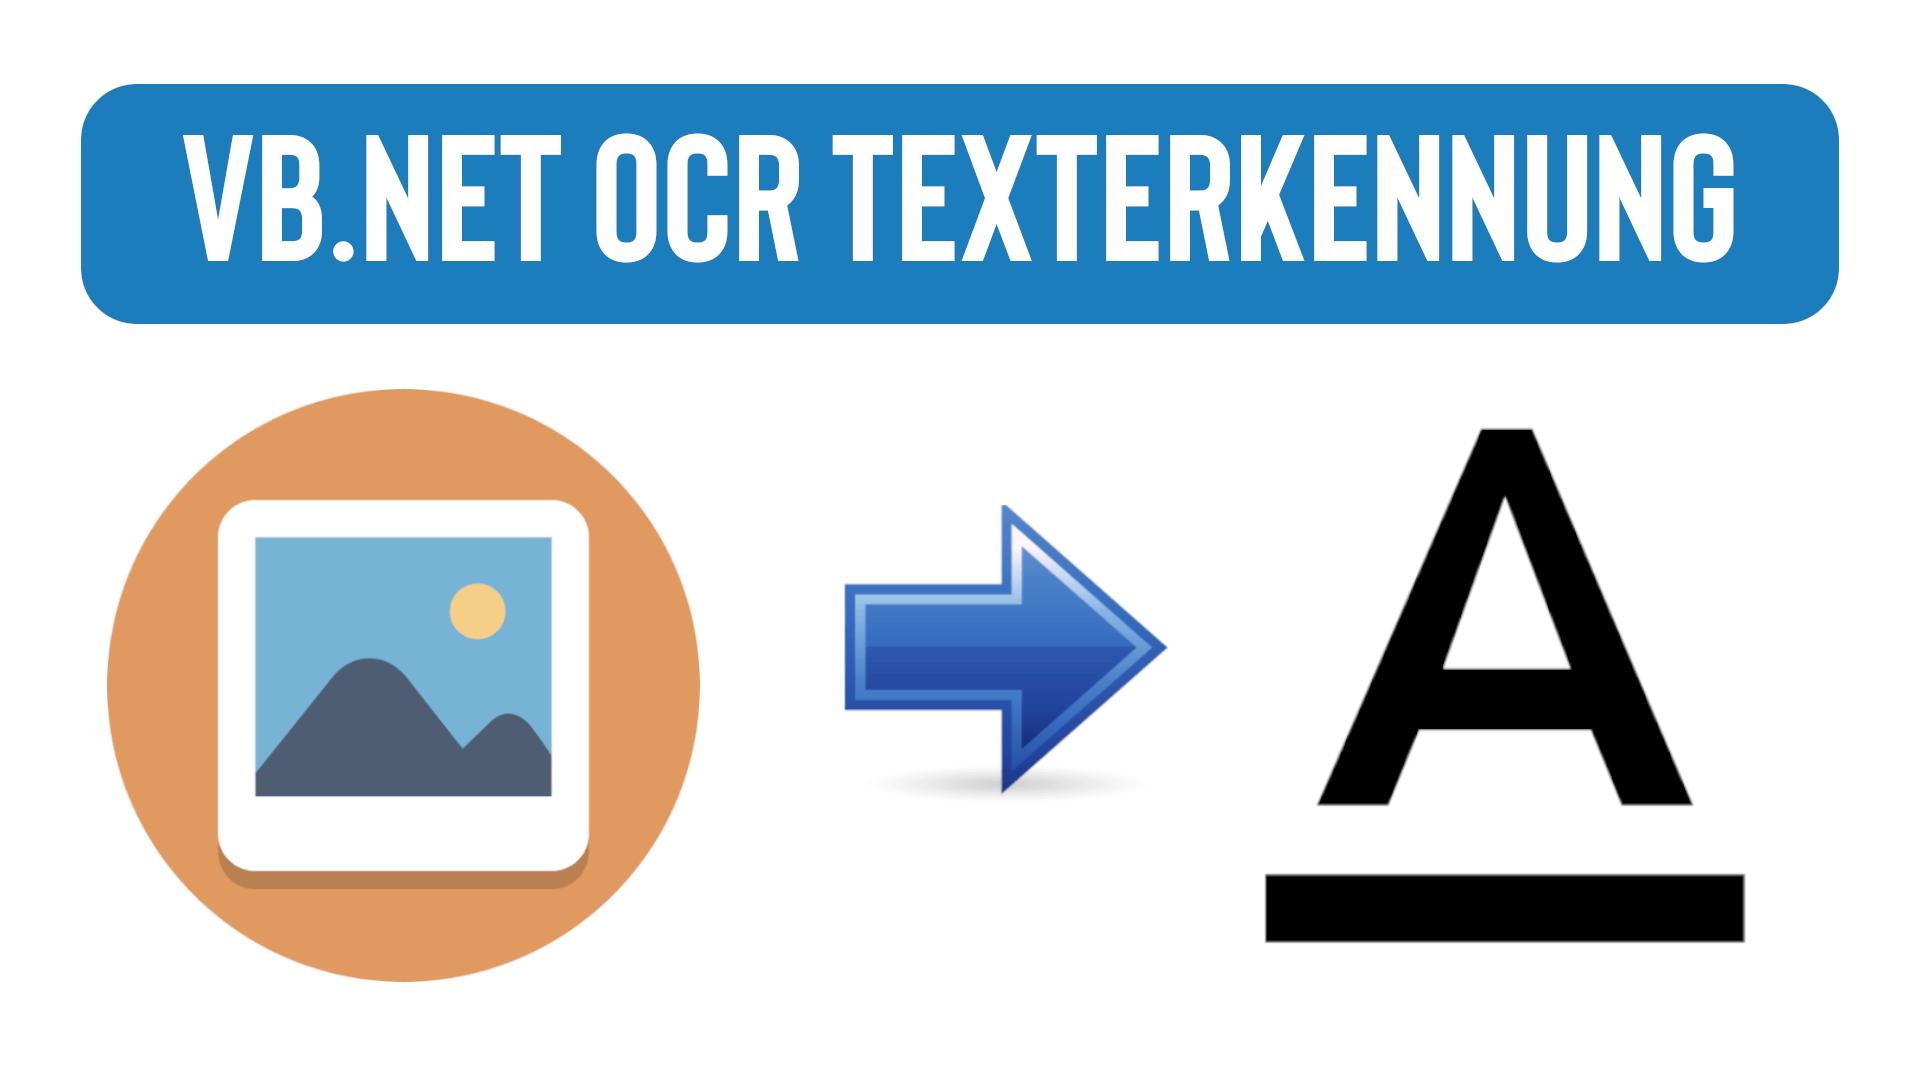 VB.NET Texterkennung auf Bildern